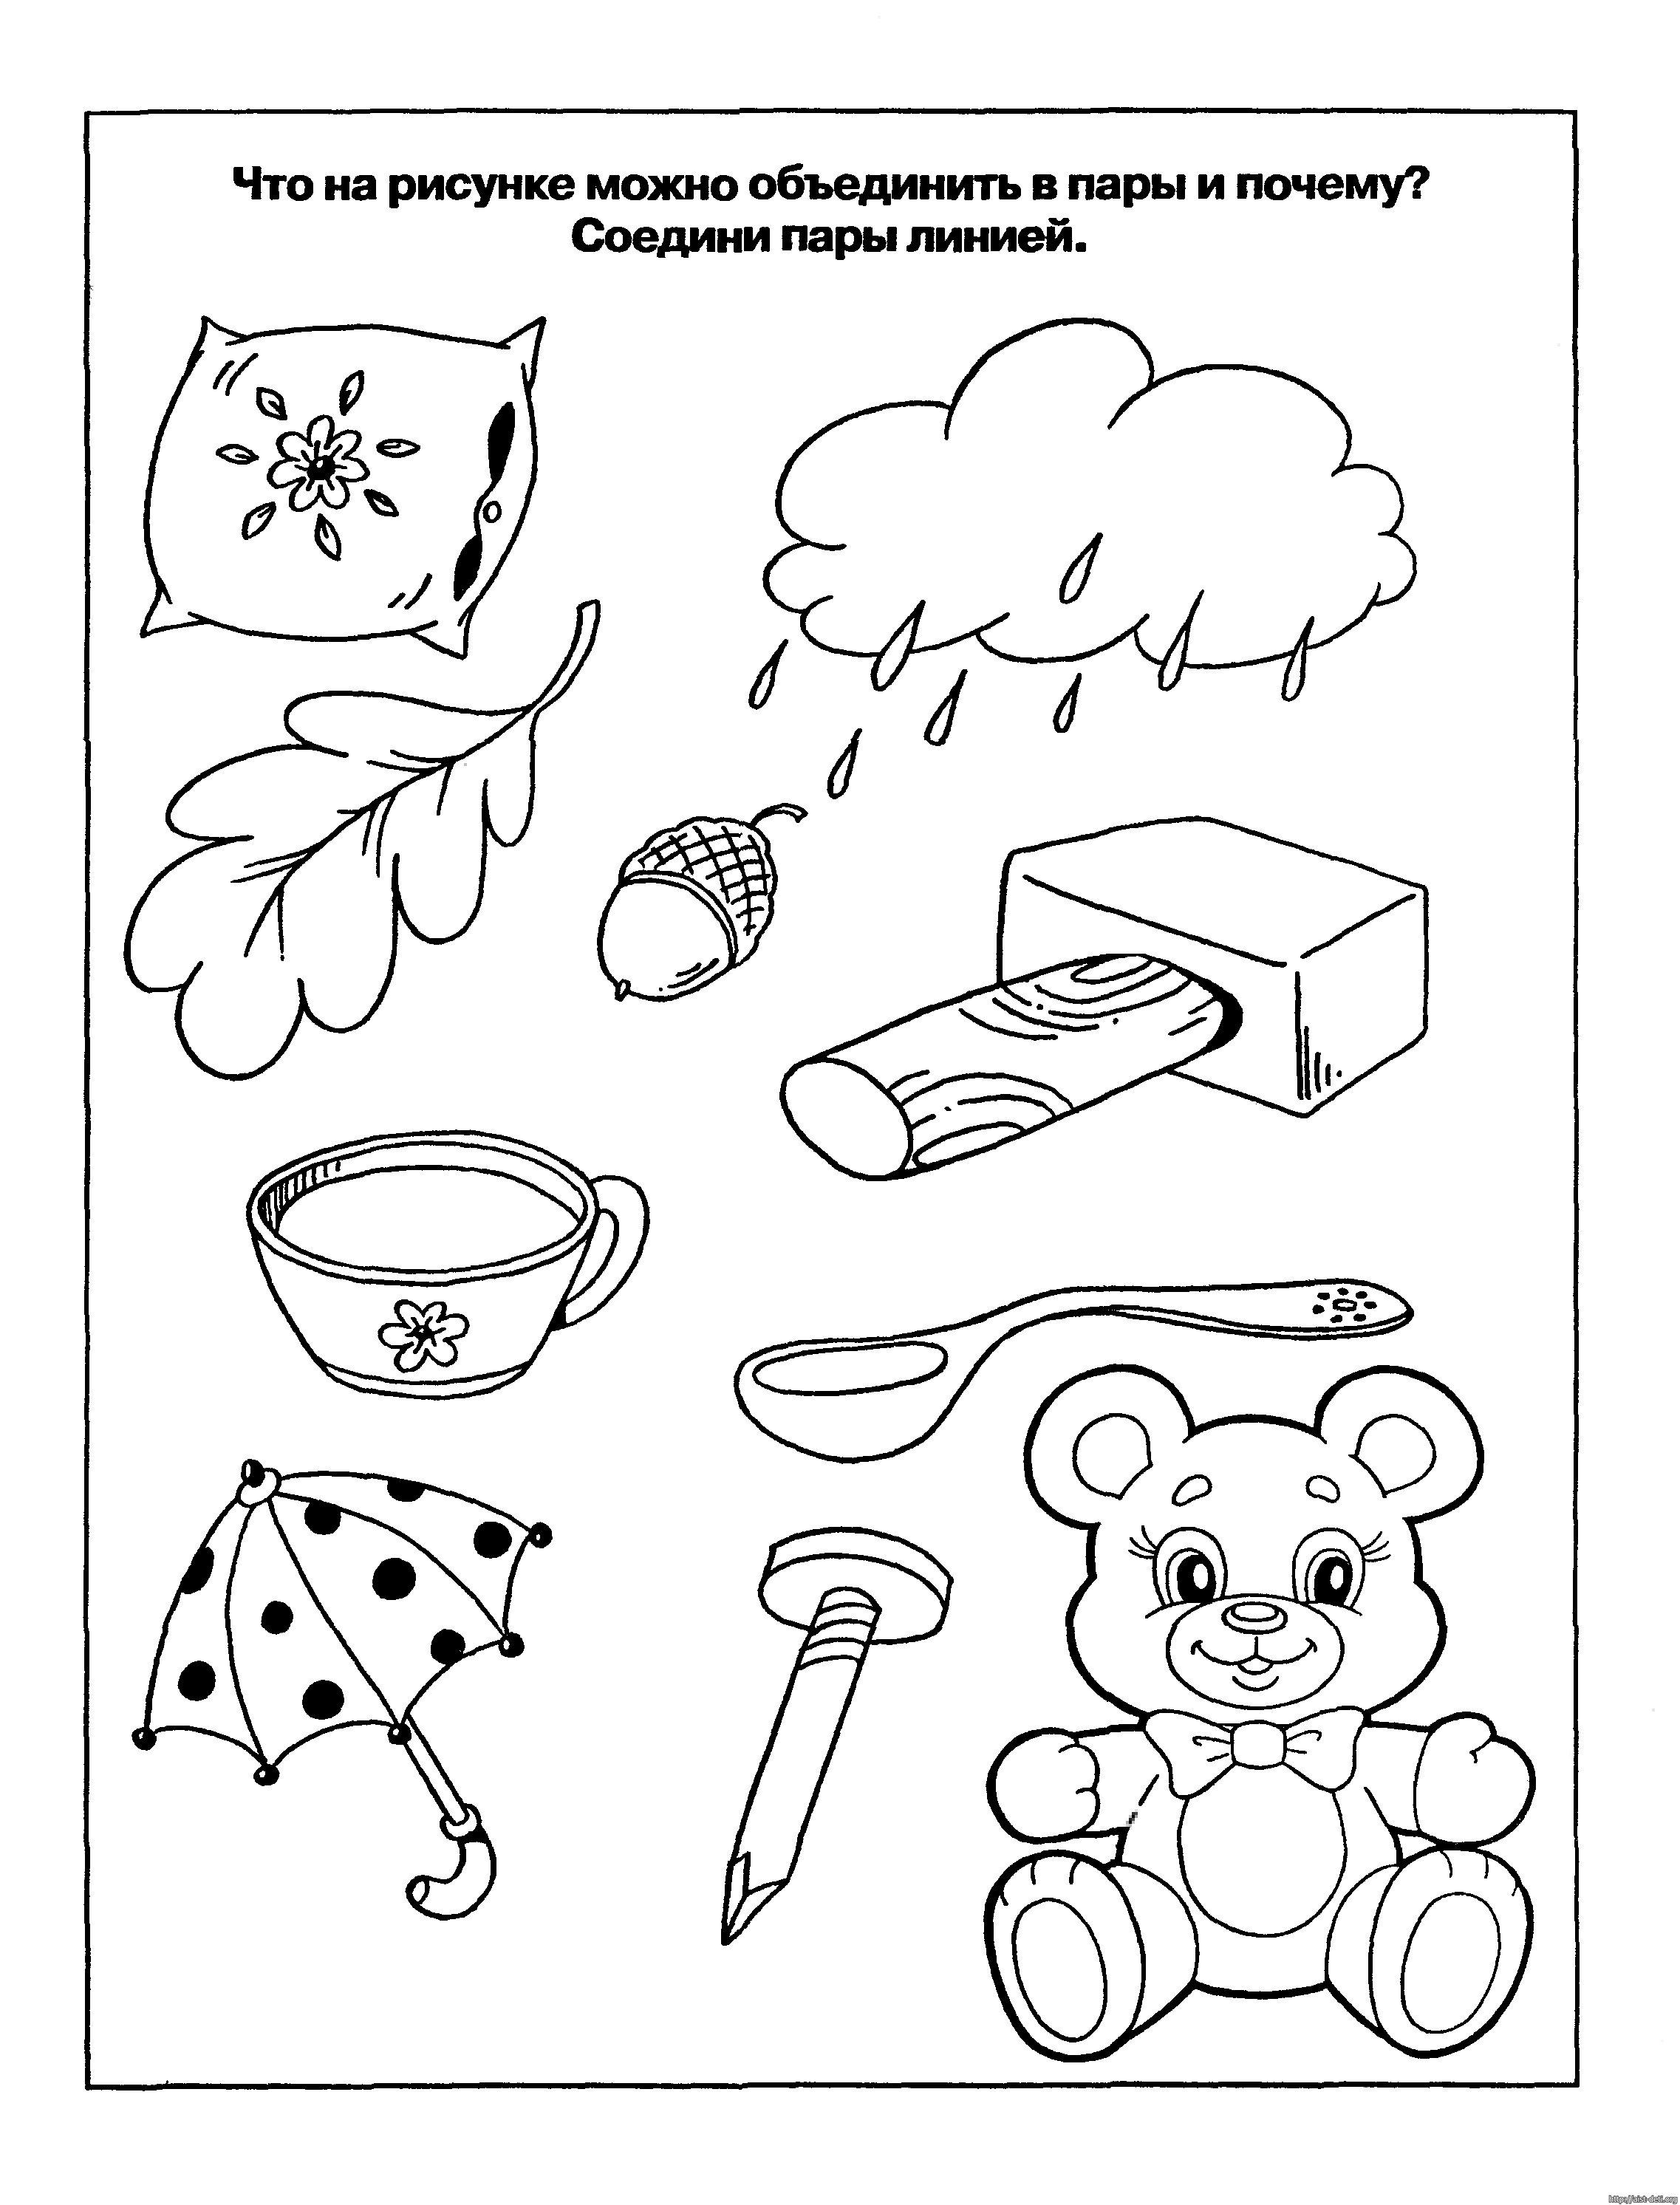 Глазки для мишек - самое интересное в блогах - liveinternet